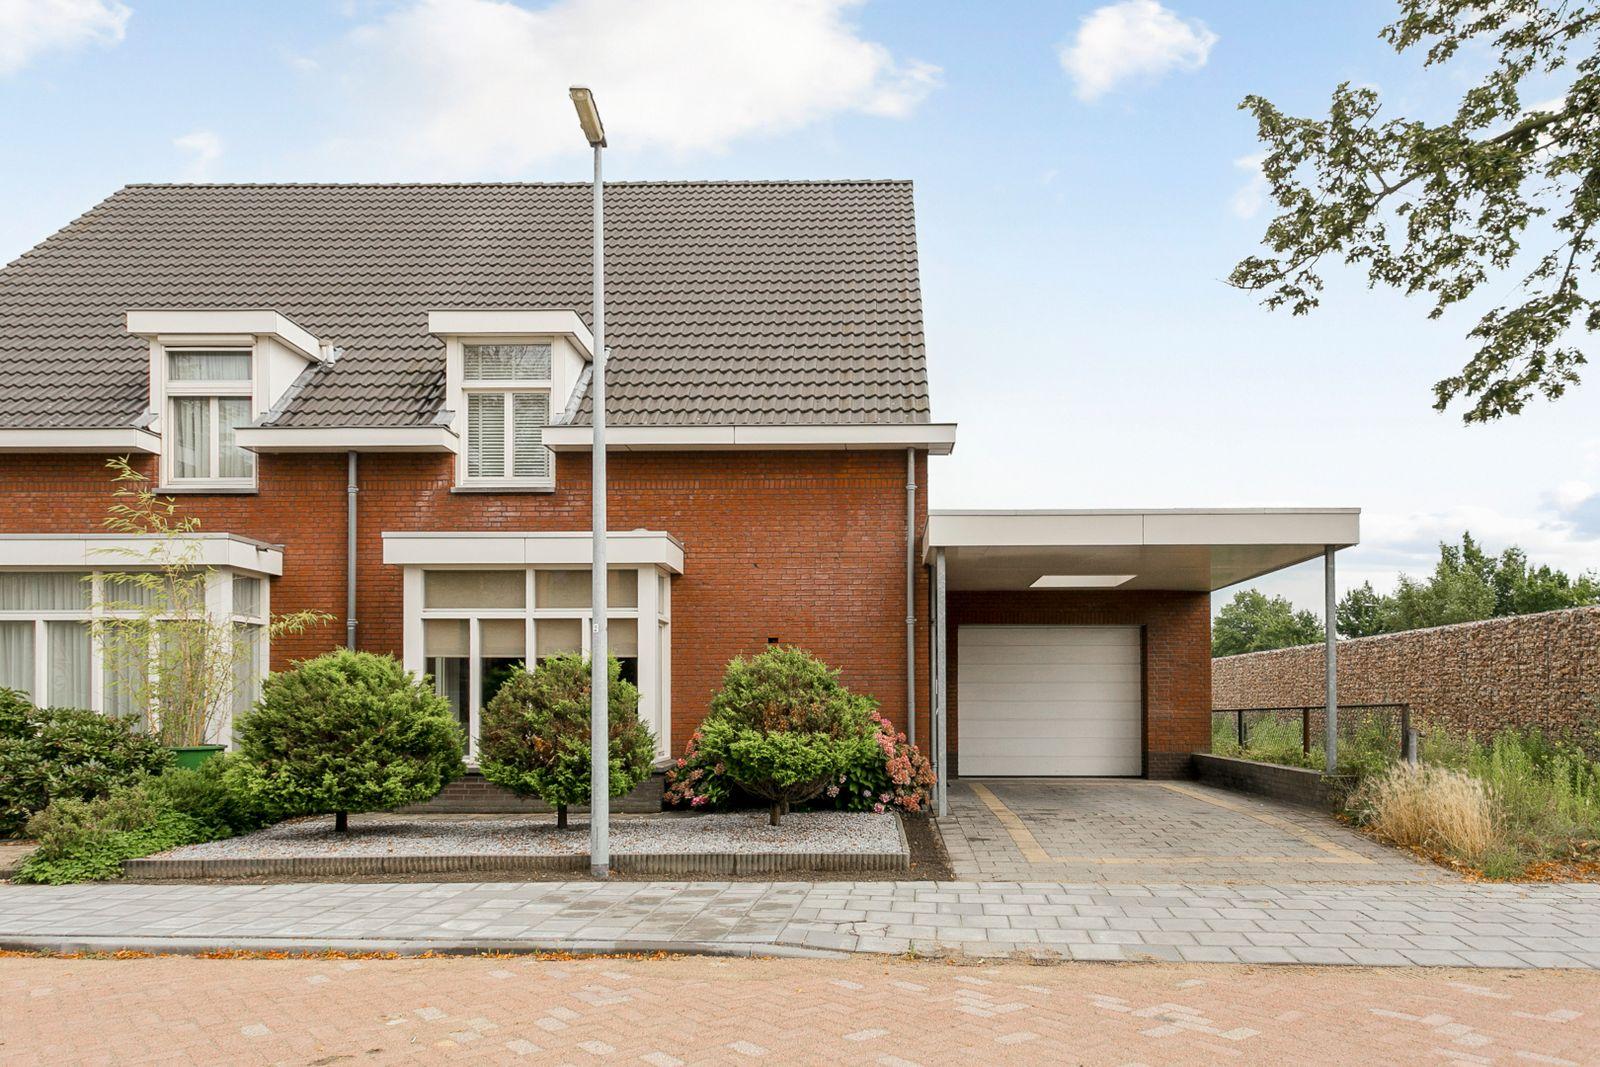 Heerseweg 37, Veldhoven